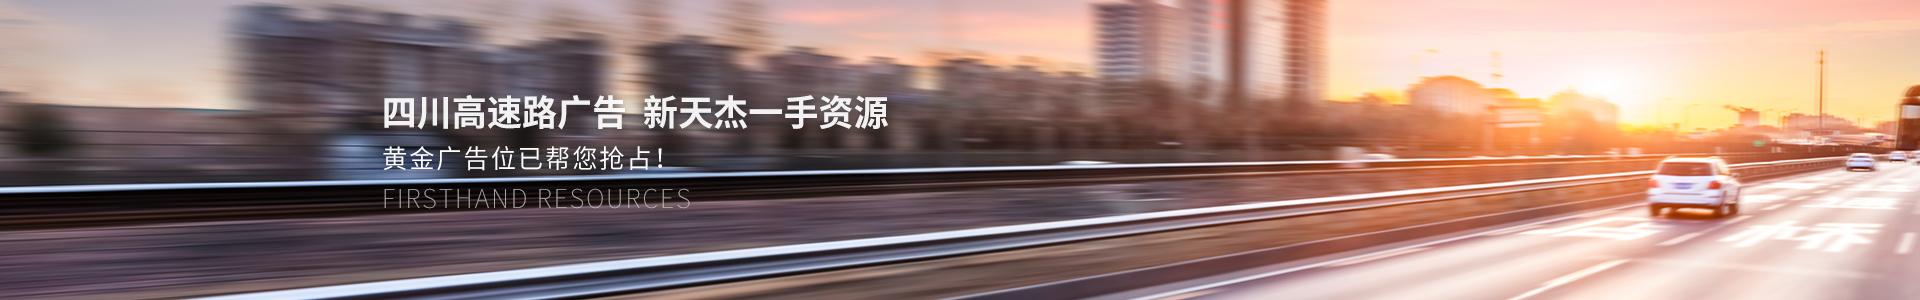 四川高速路广告,新天杰一手资源